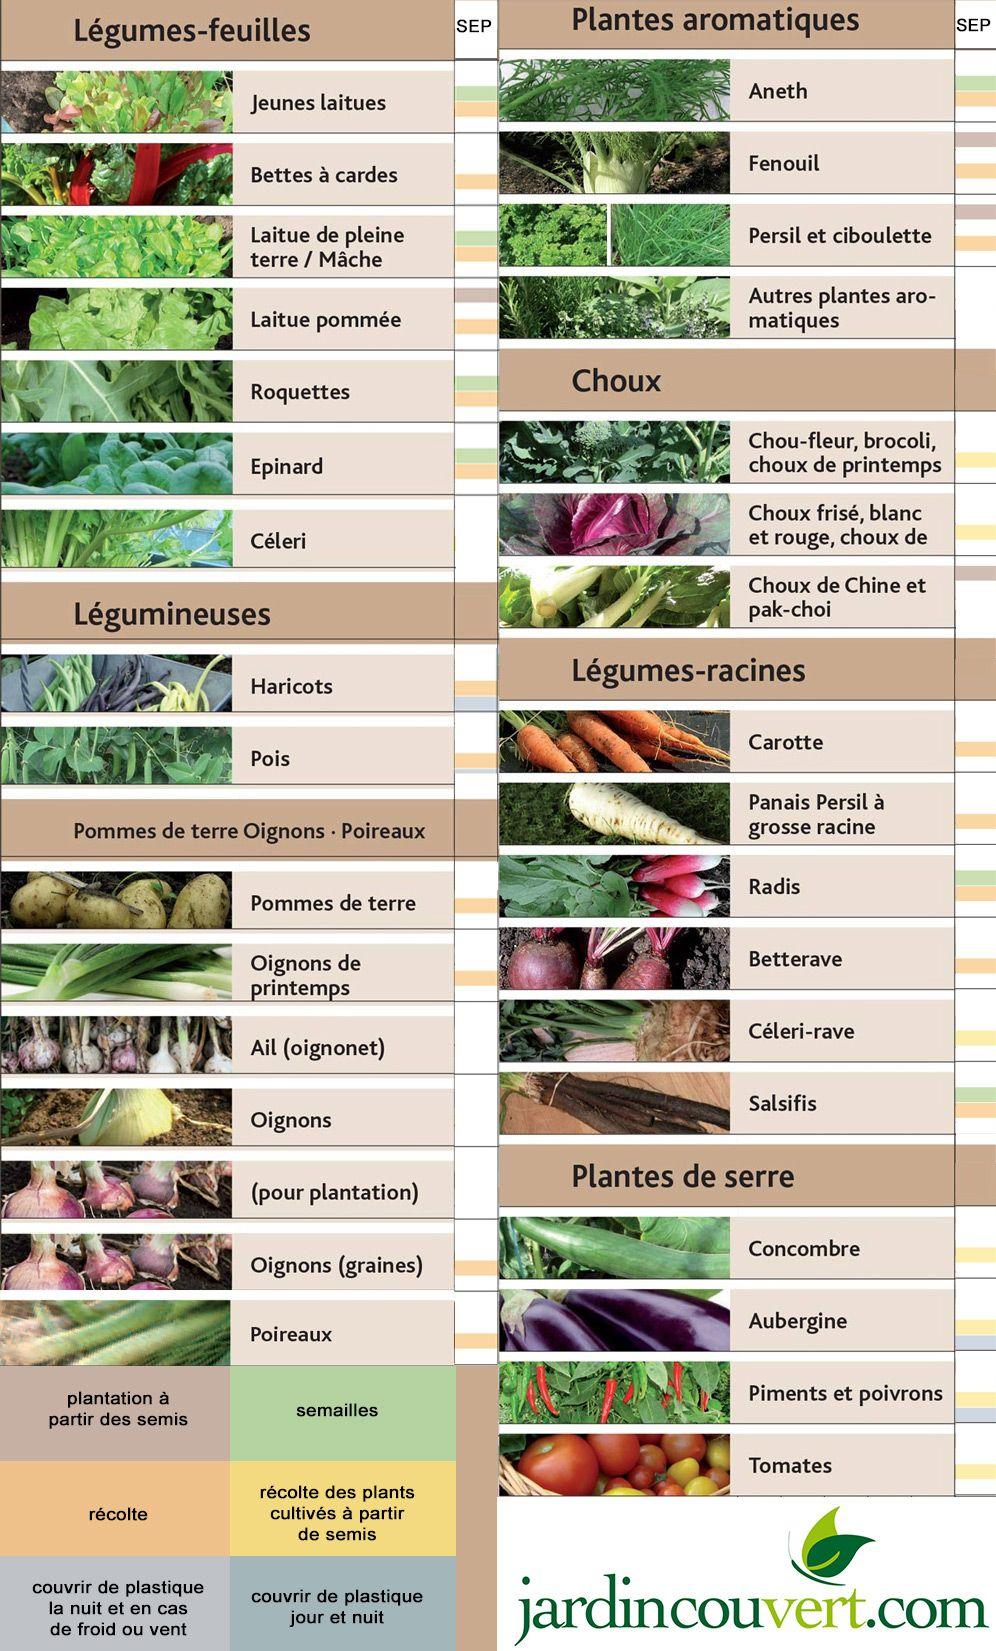 100 Fantastique Concepts Planter Au Jardin En Septembre